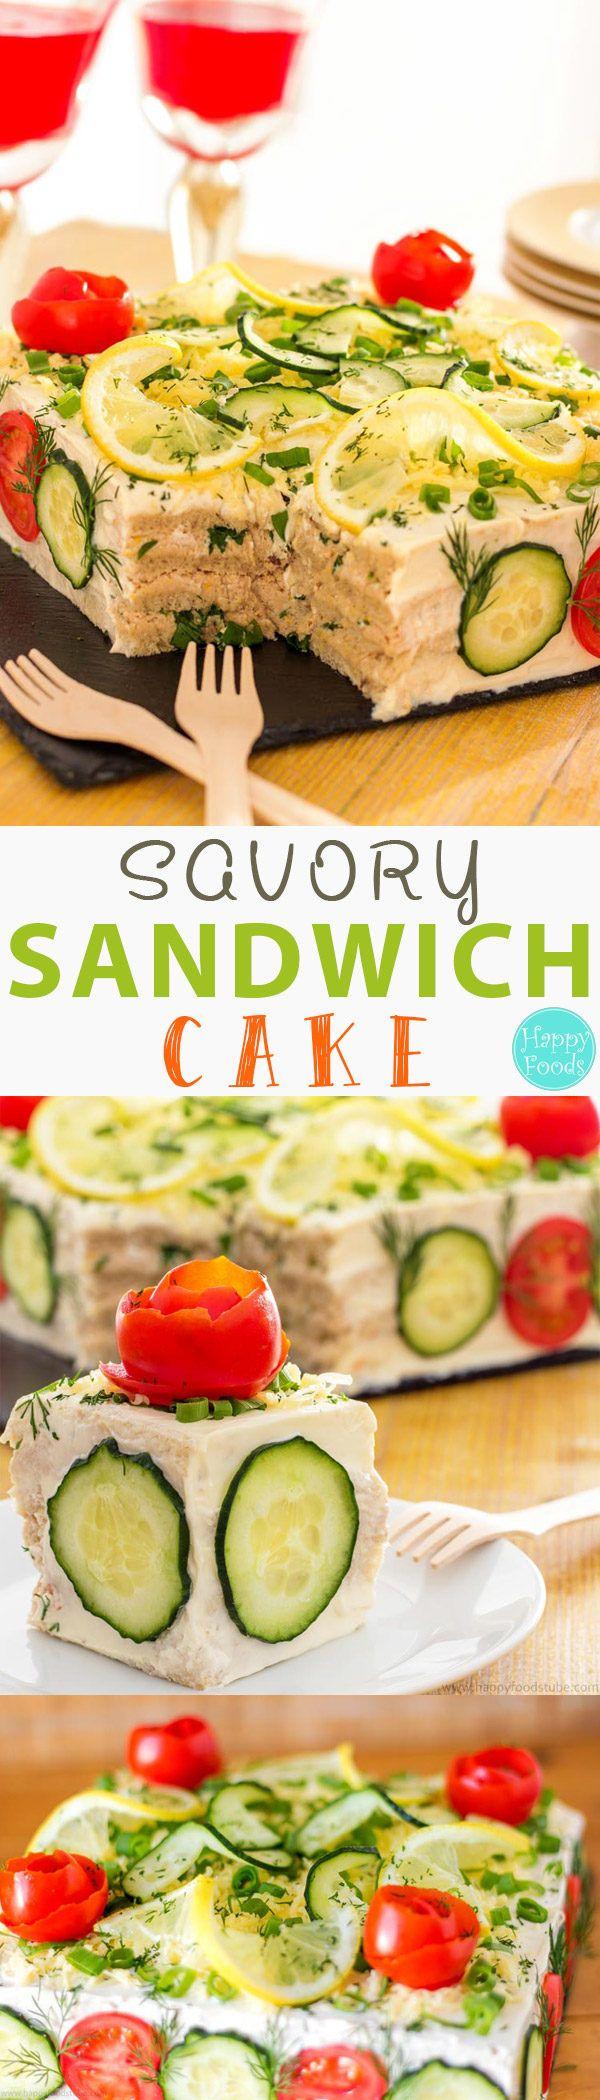 Savory Tuna Sandwich Cake (Smörgåstårta) - Swedish Sandwich Cake, Scandinavian Sandwich Cake, Savory Cake, Smorgastarta, Easy Sandwich Cake, Not Sweet Cake, Sandwich Cake Recipe, Smörgåstårta Recipe, Party Sandwich Ideas | happyfoodstube.com